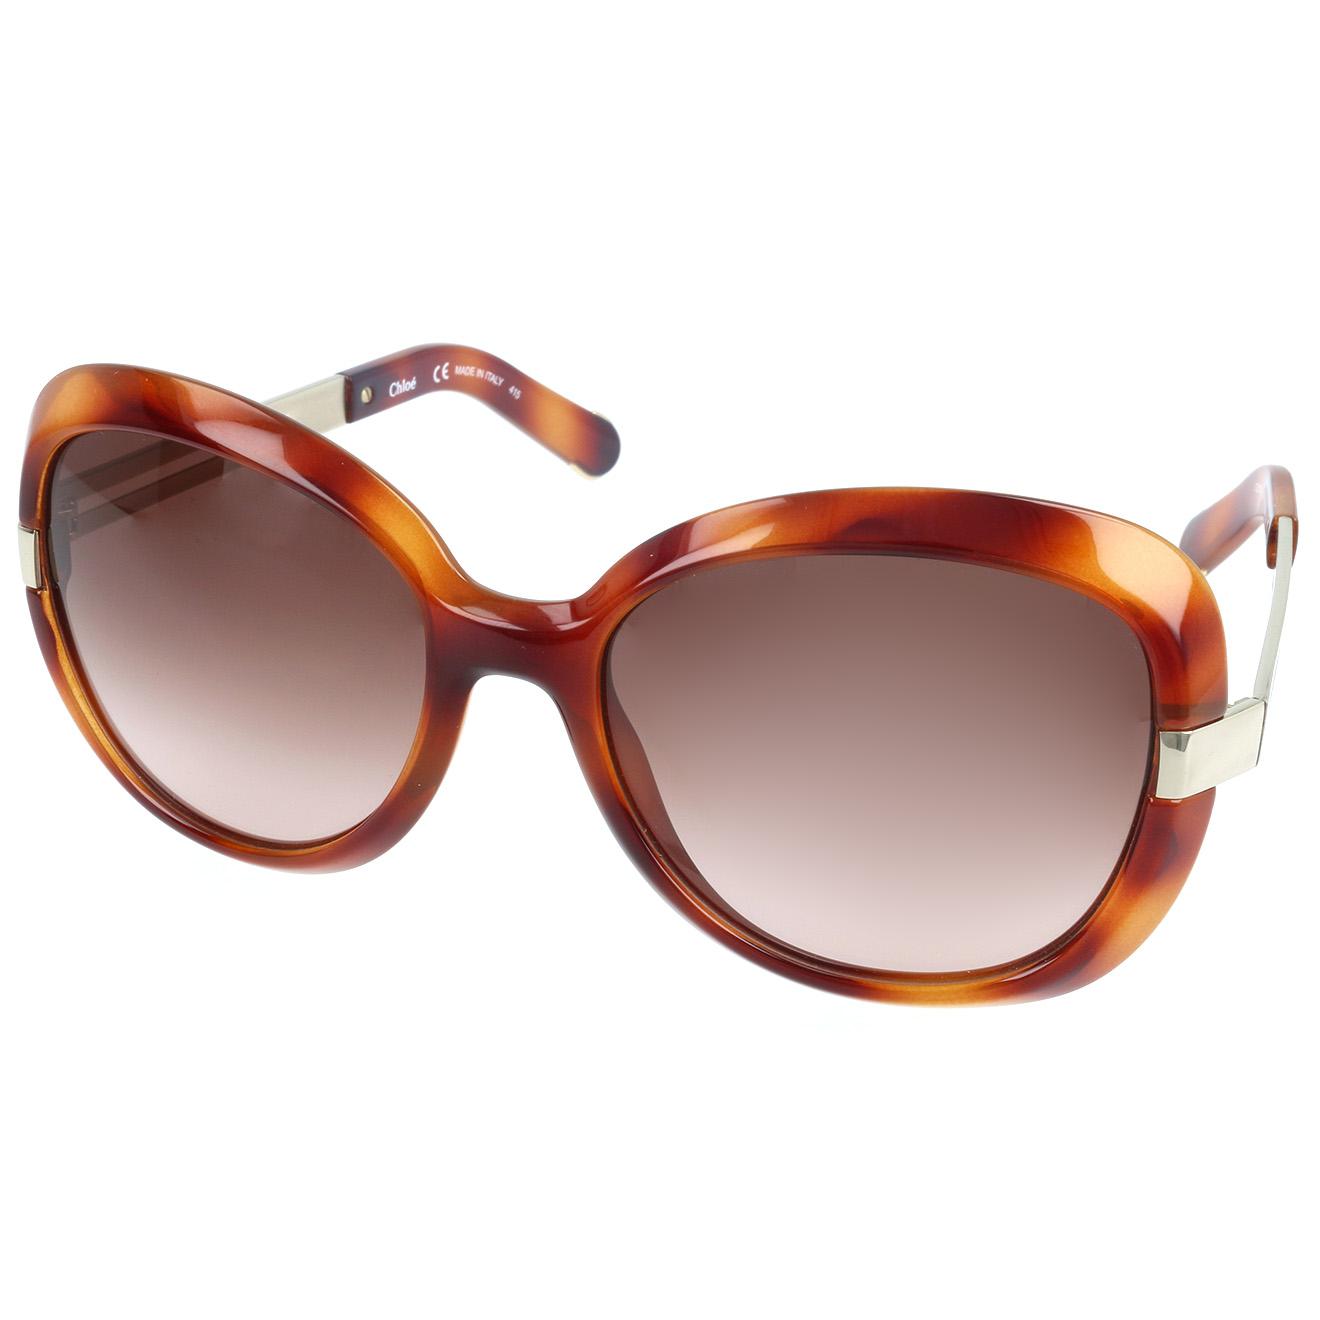 Chloé-femme-lunettes de soleil femme ecaille-t.u